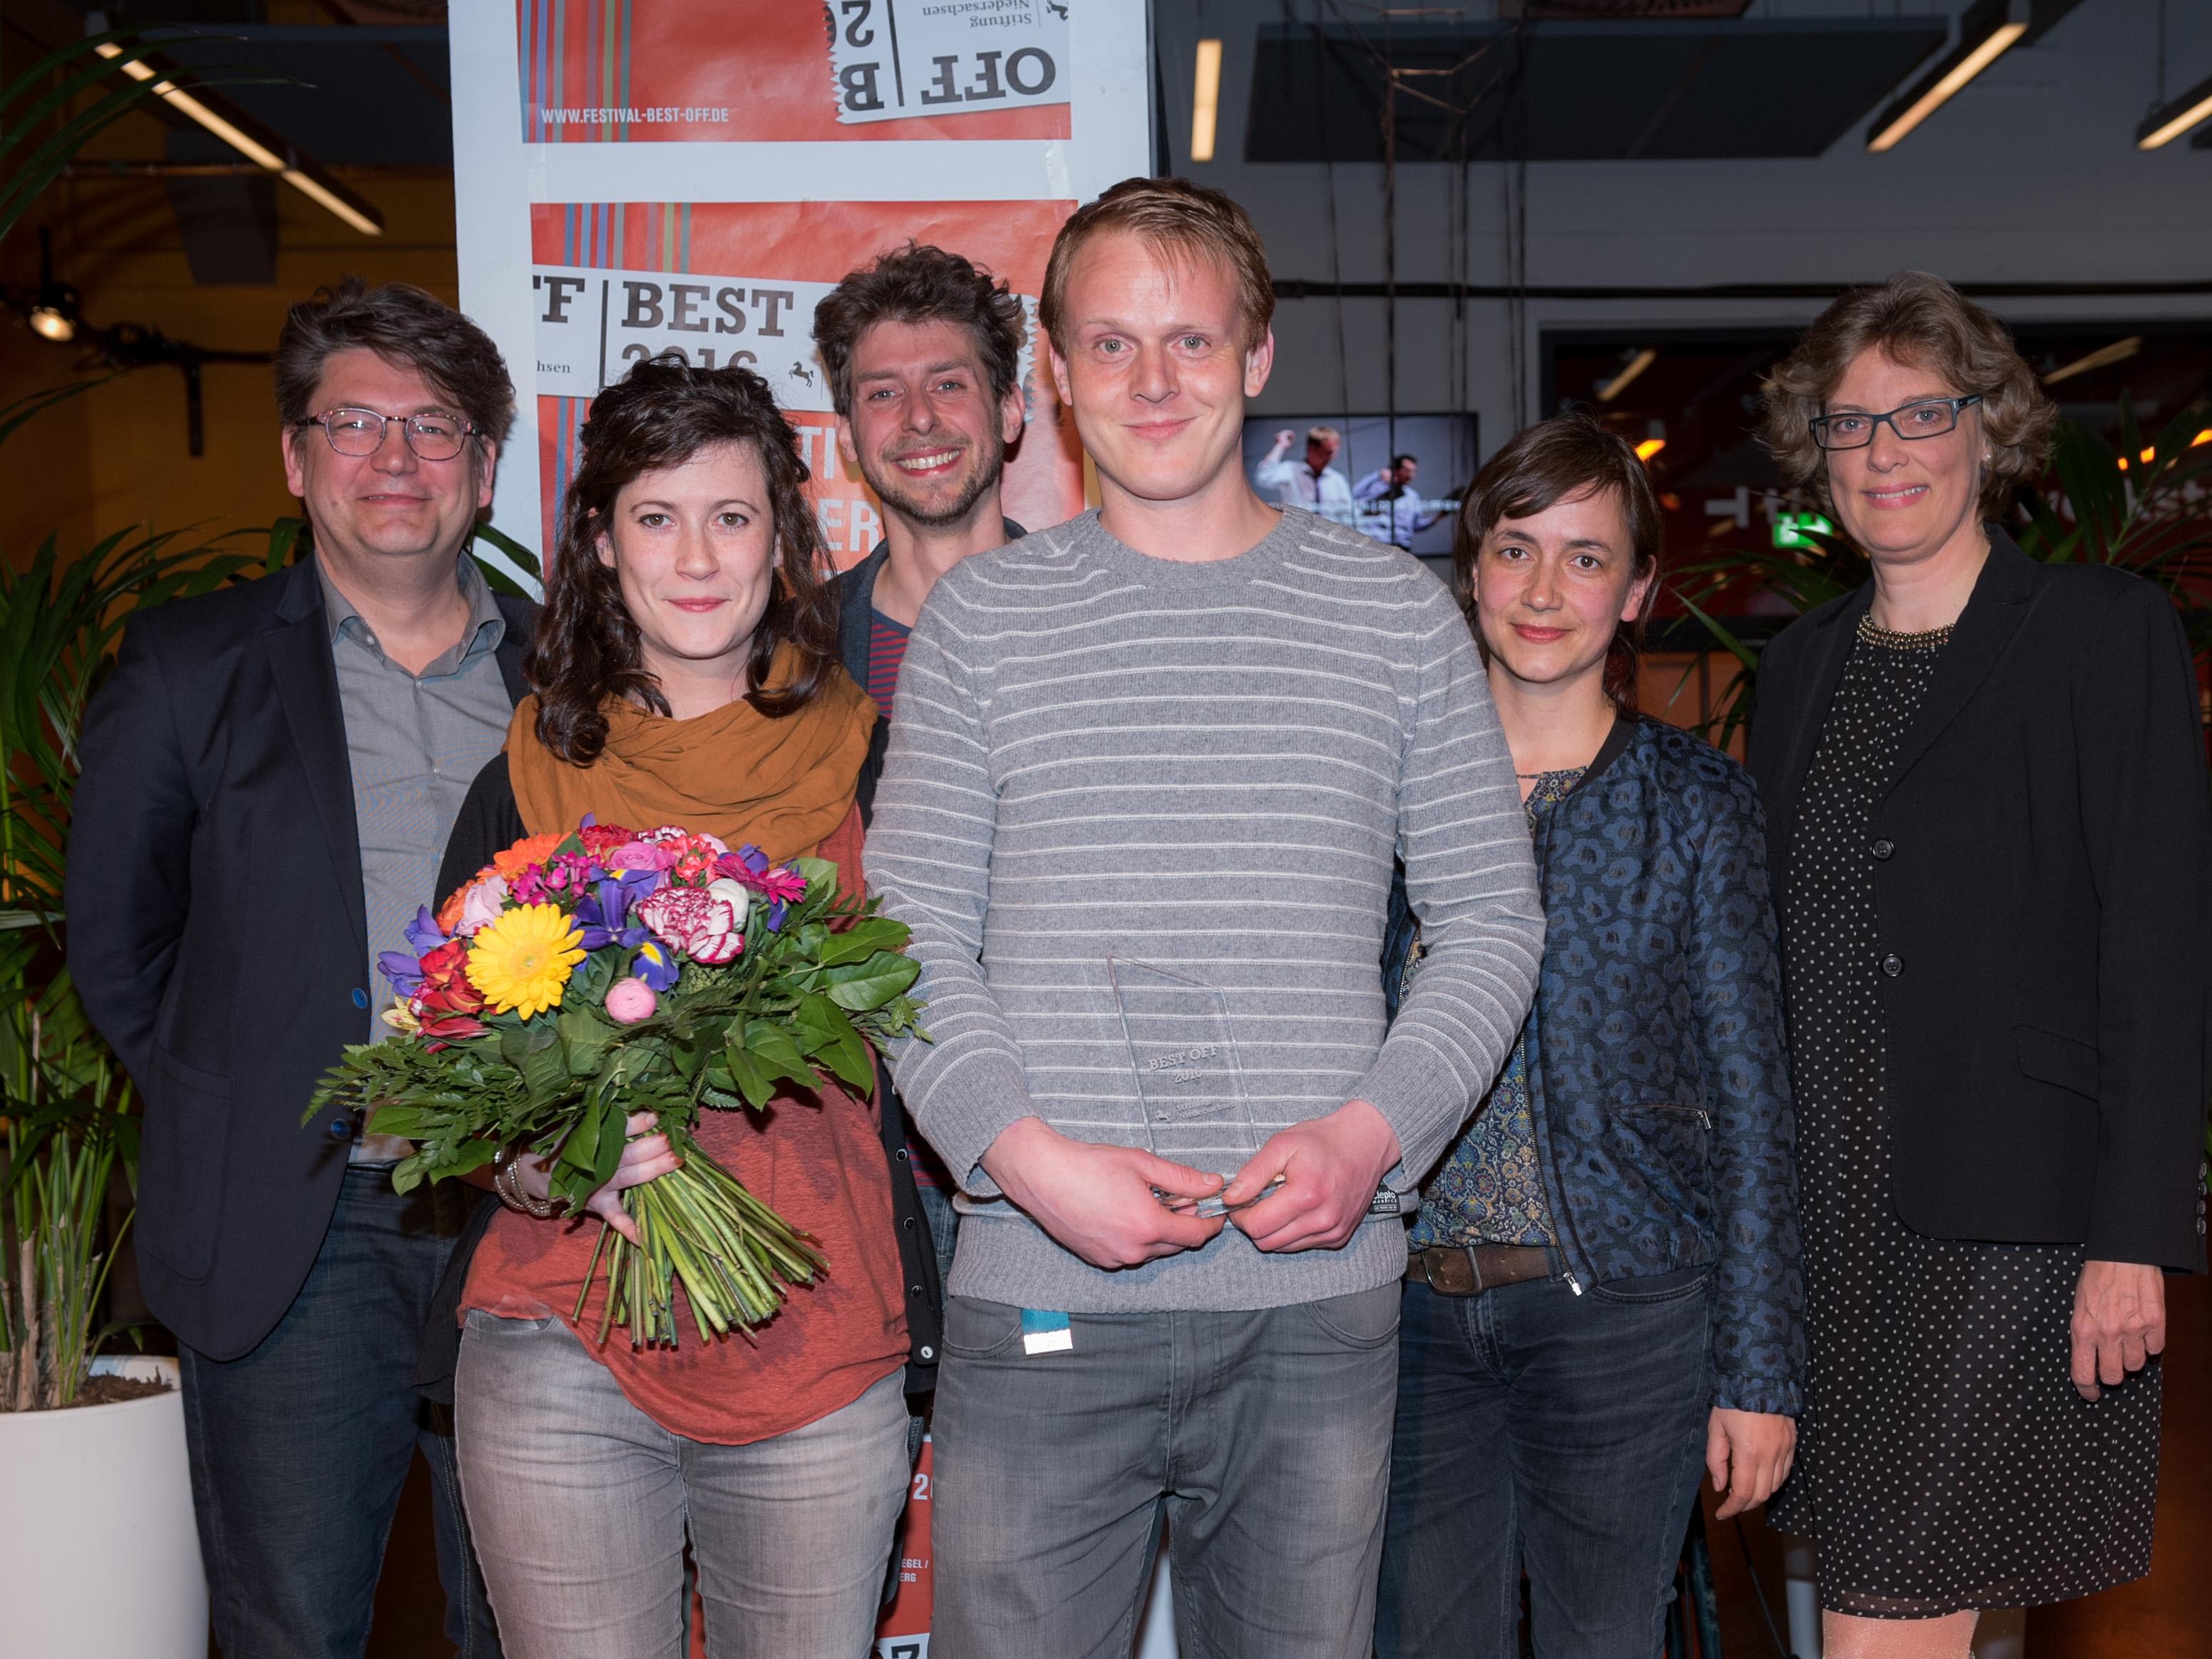 Drei Männer und drei Frauen bei einer Auszeichnung.